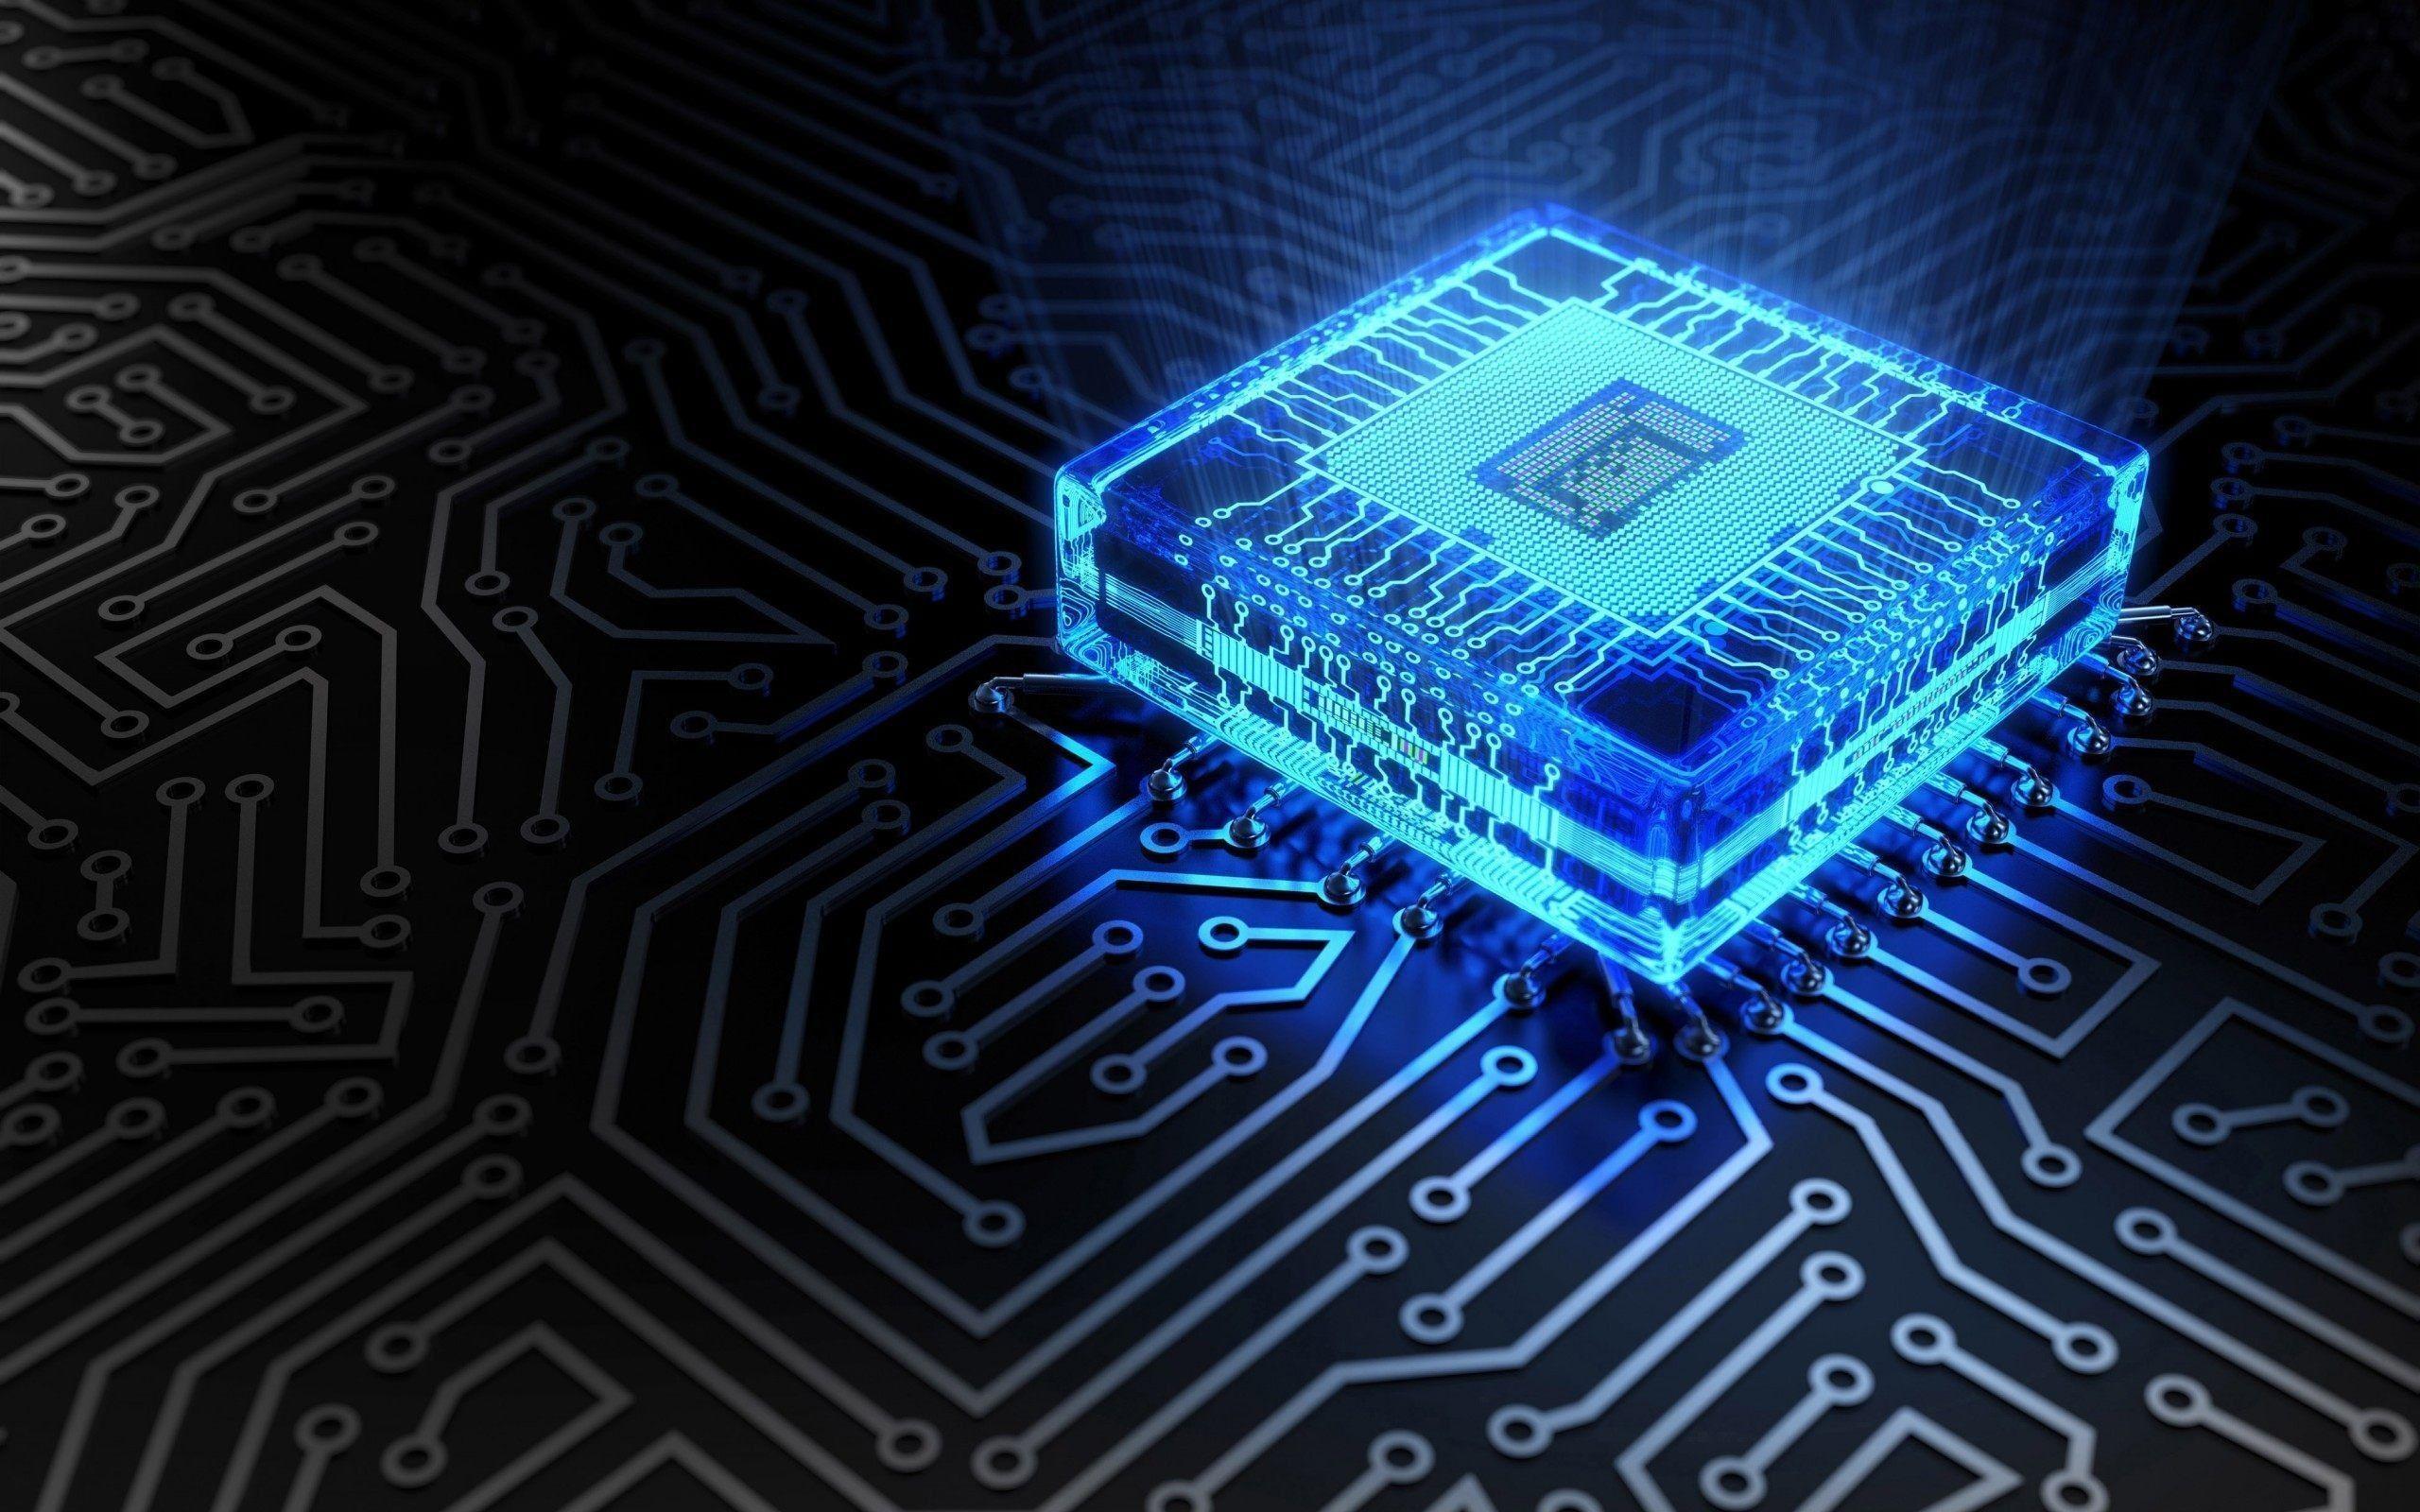 4k High Tech Wallpaper Electronics Wallpaper Technology Wallpaper Computer Architecture